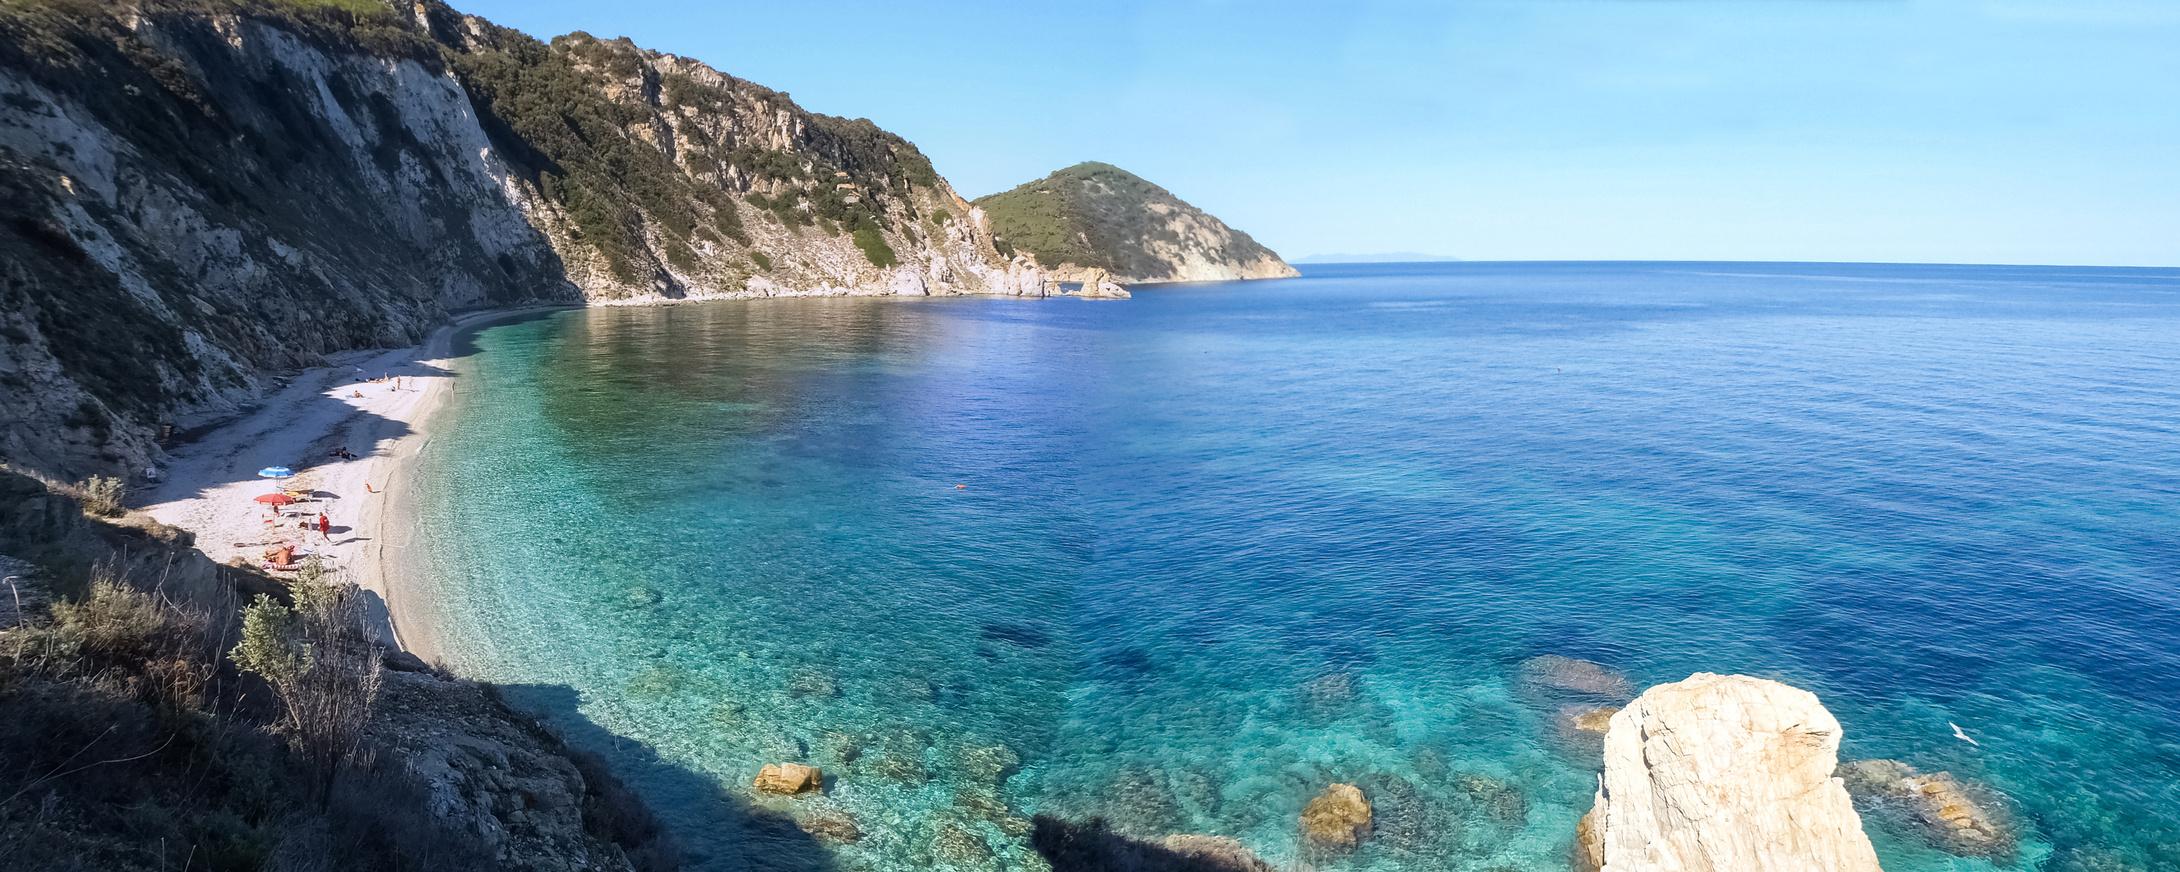 bijzondere plekken italie